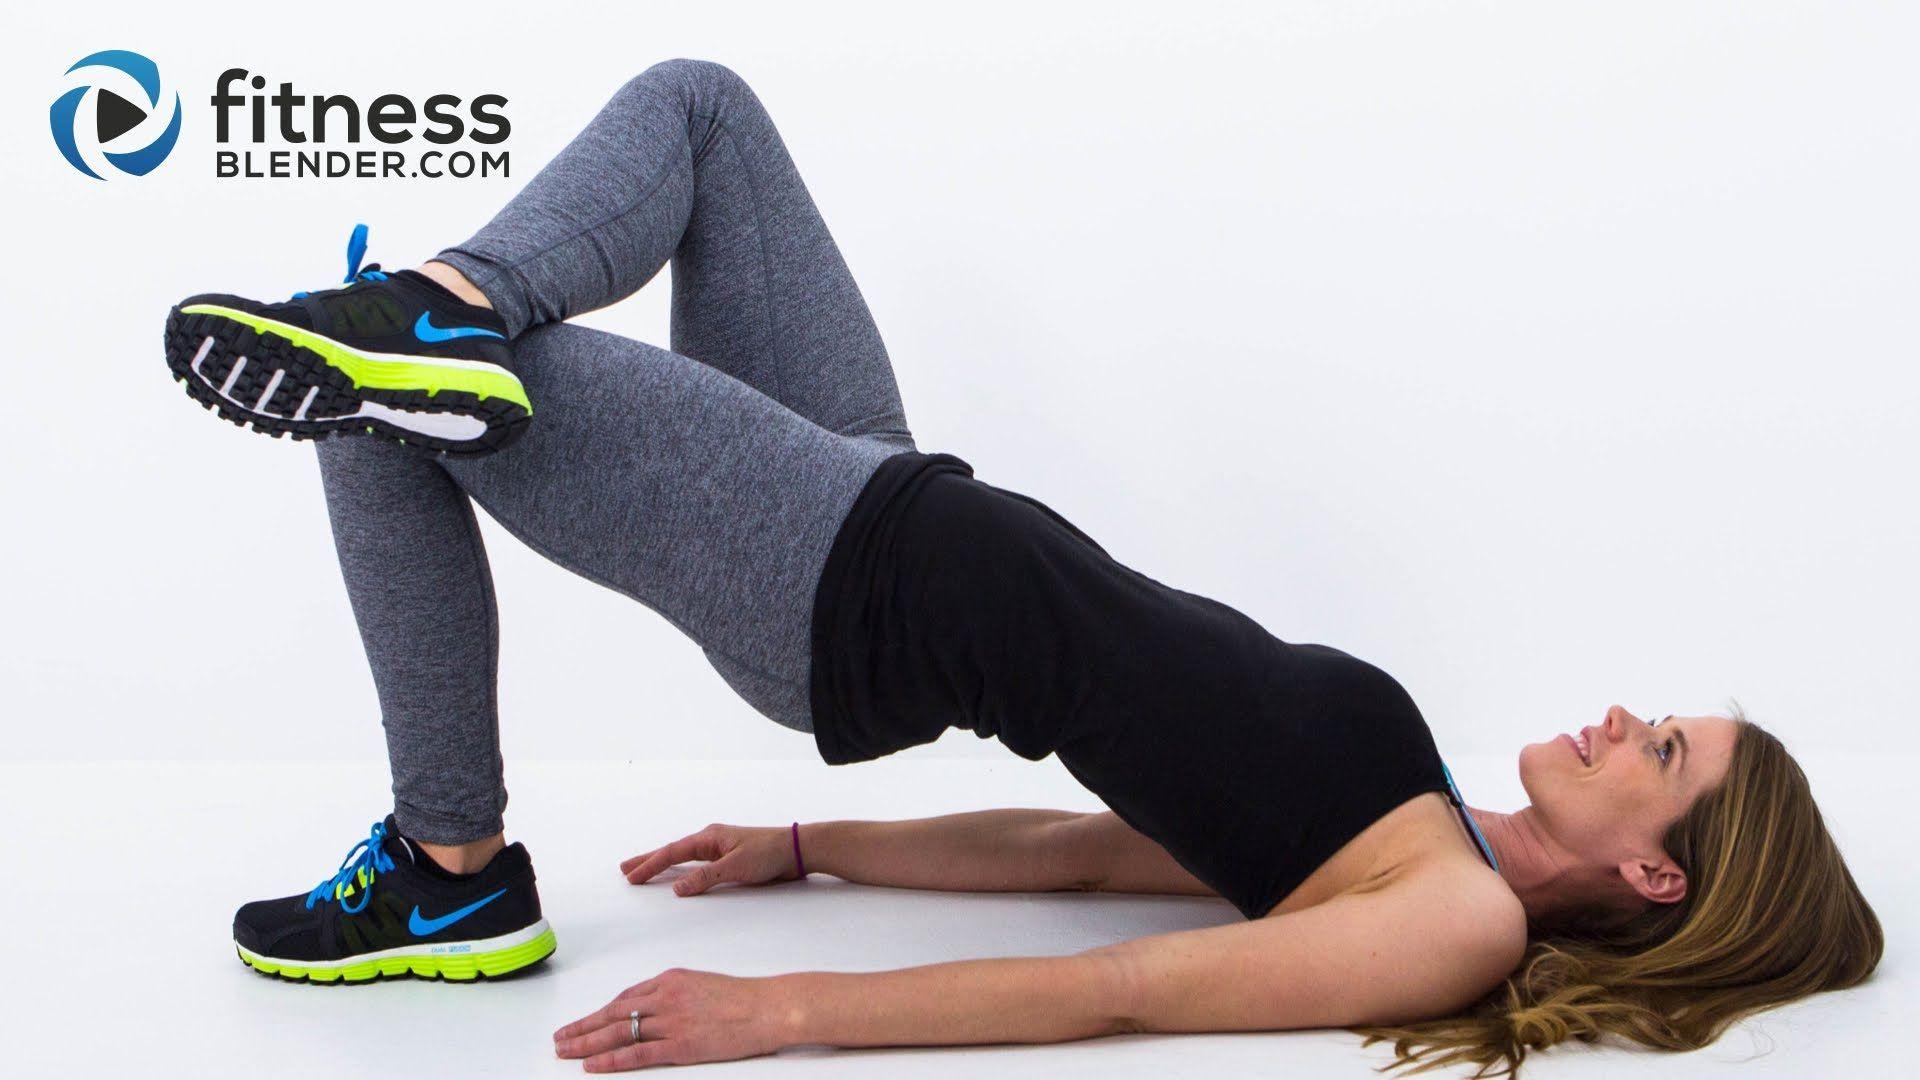 Femme forme zsírégető Olajos magvak diófélék fitness étrend ad jó étel reggelire